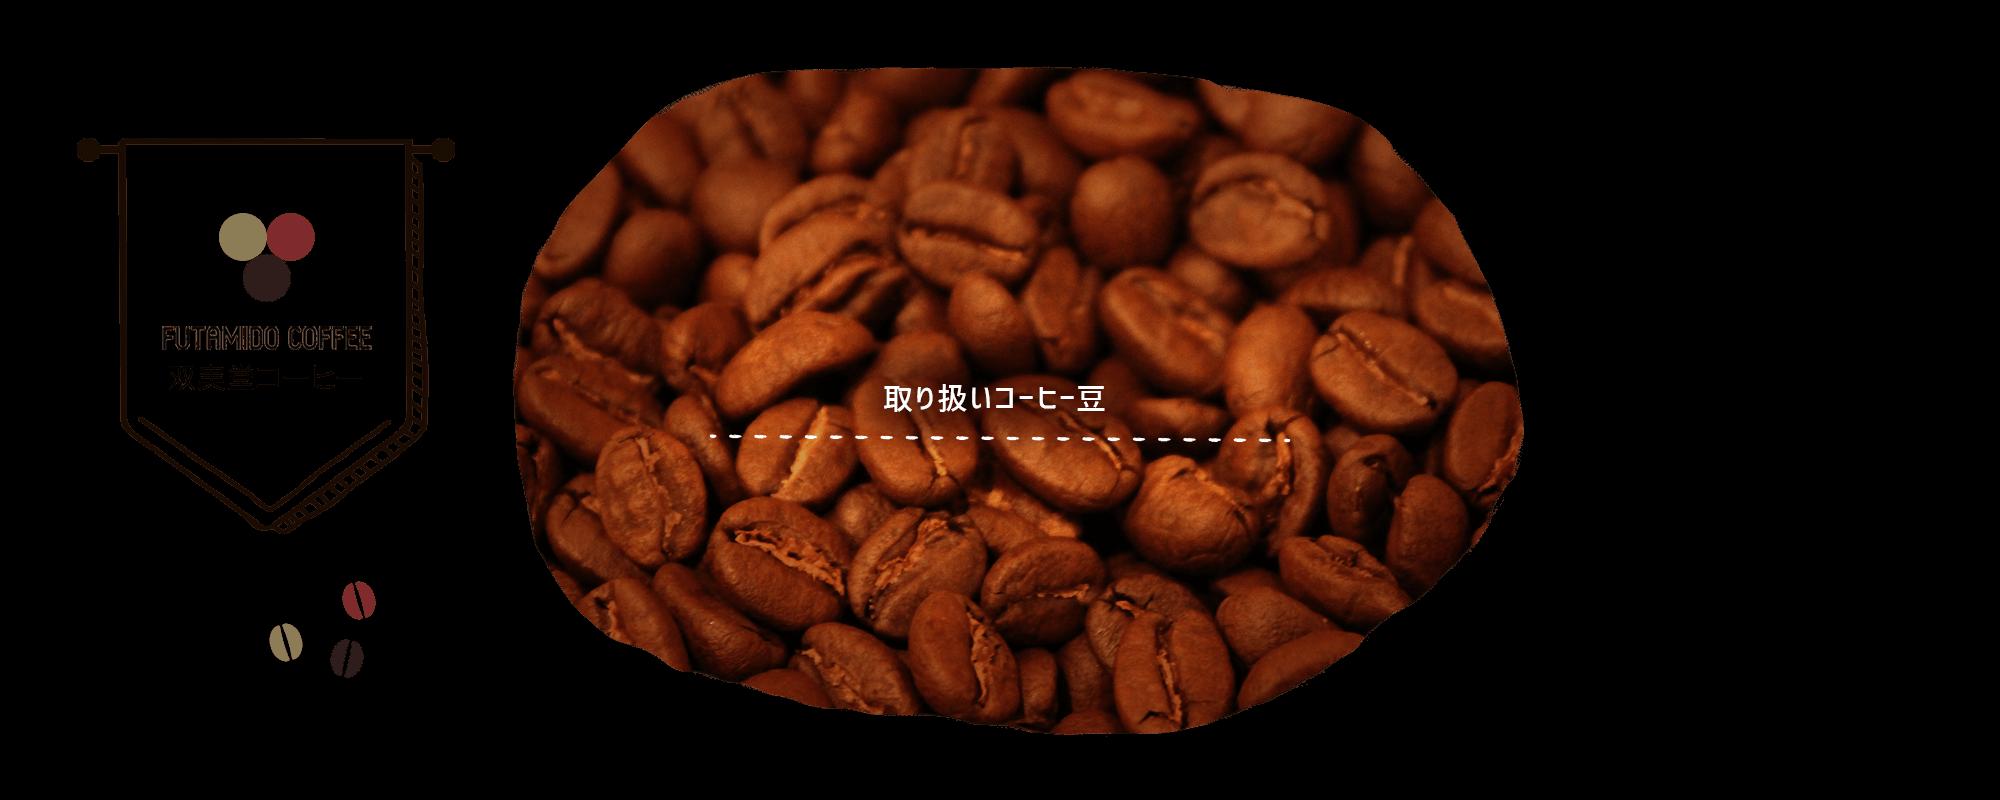 取り扱いコーヒー豆